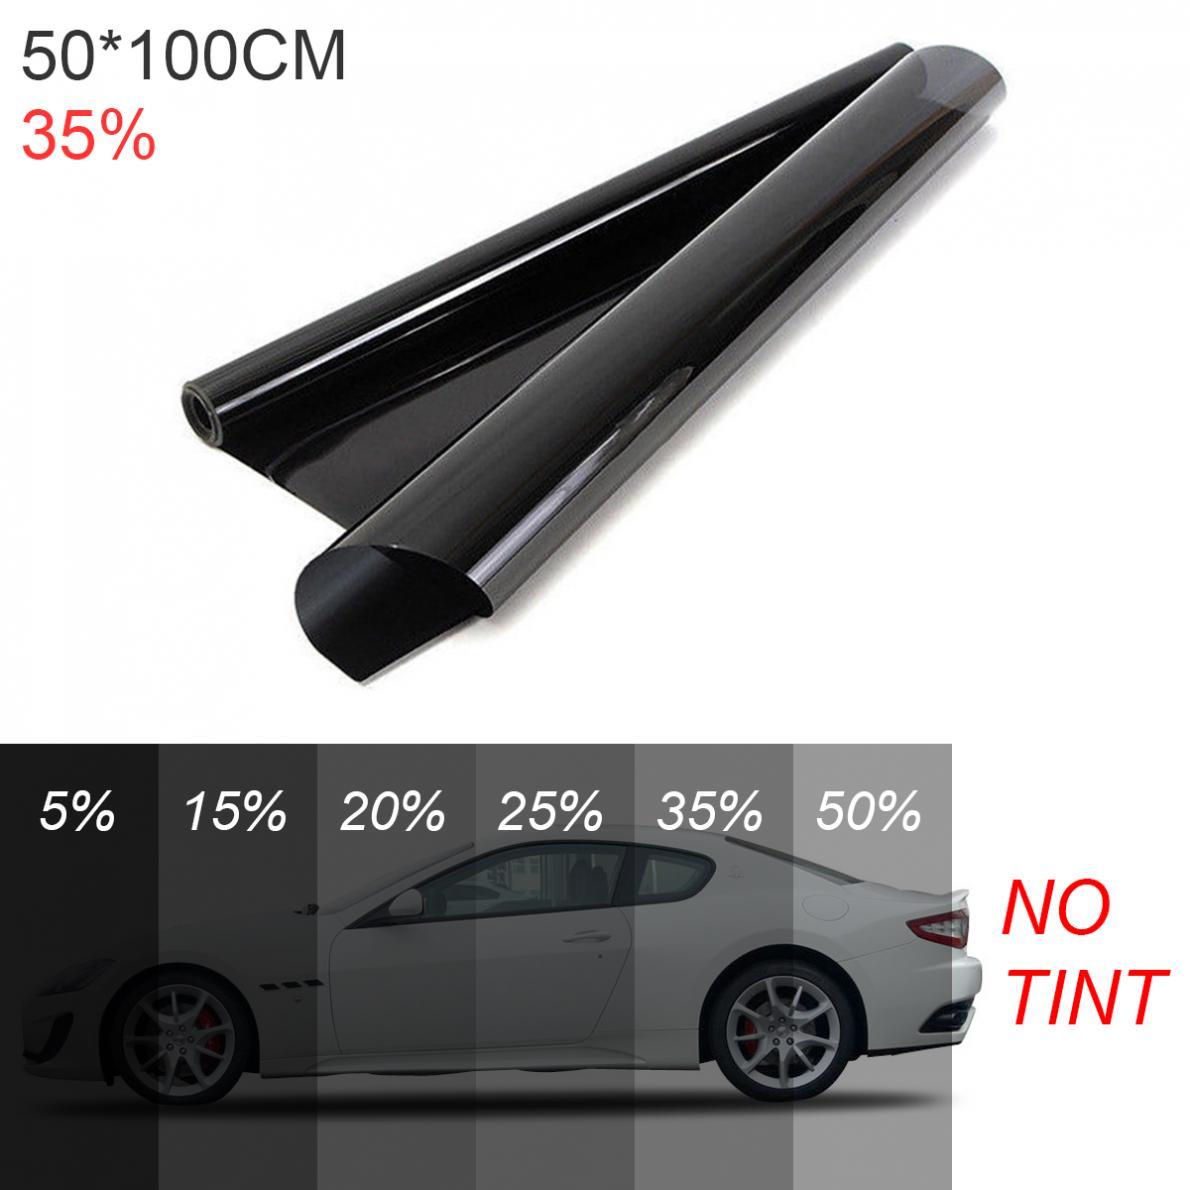 Тридцать пять процентов просвечивающие ПВХ утолщенные автомобильные шторы на ветровое стекло Солнцезащитный УФ-защита боковая оконная пл...